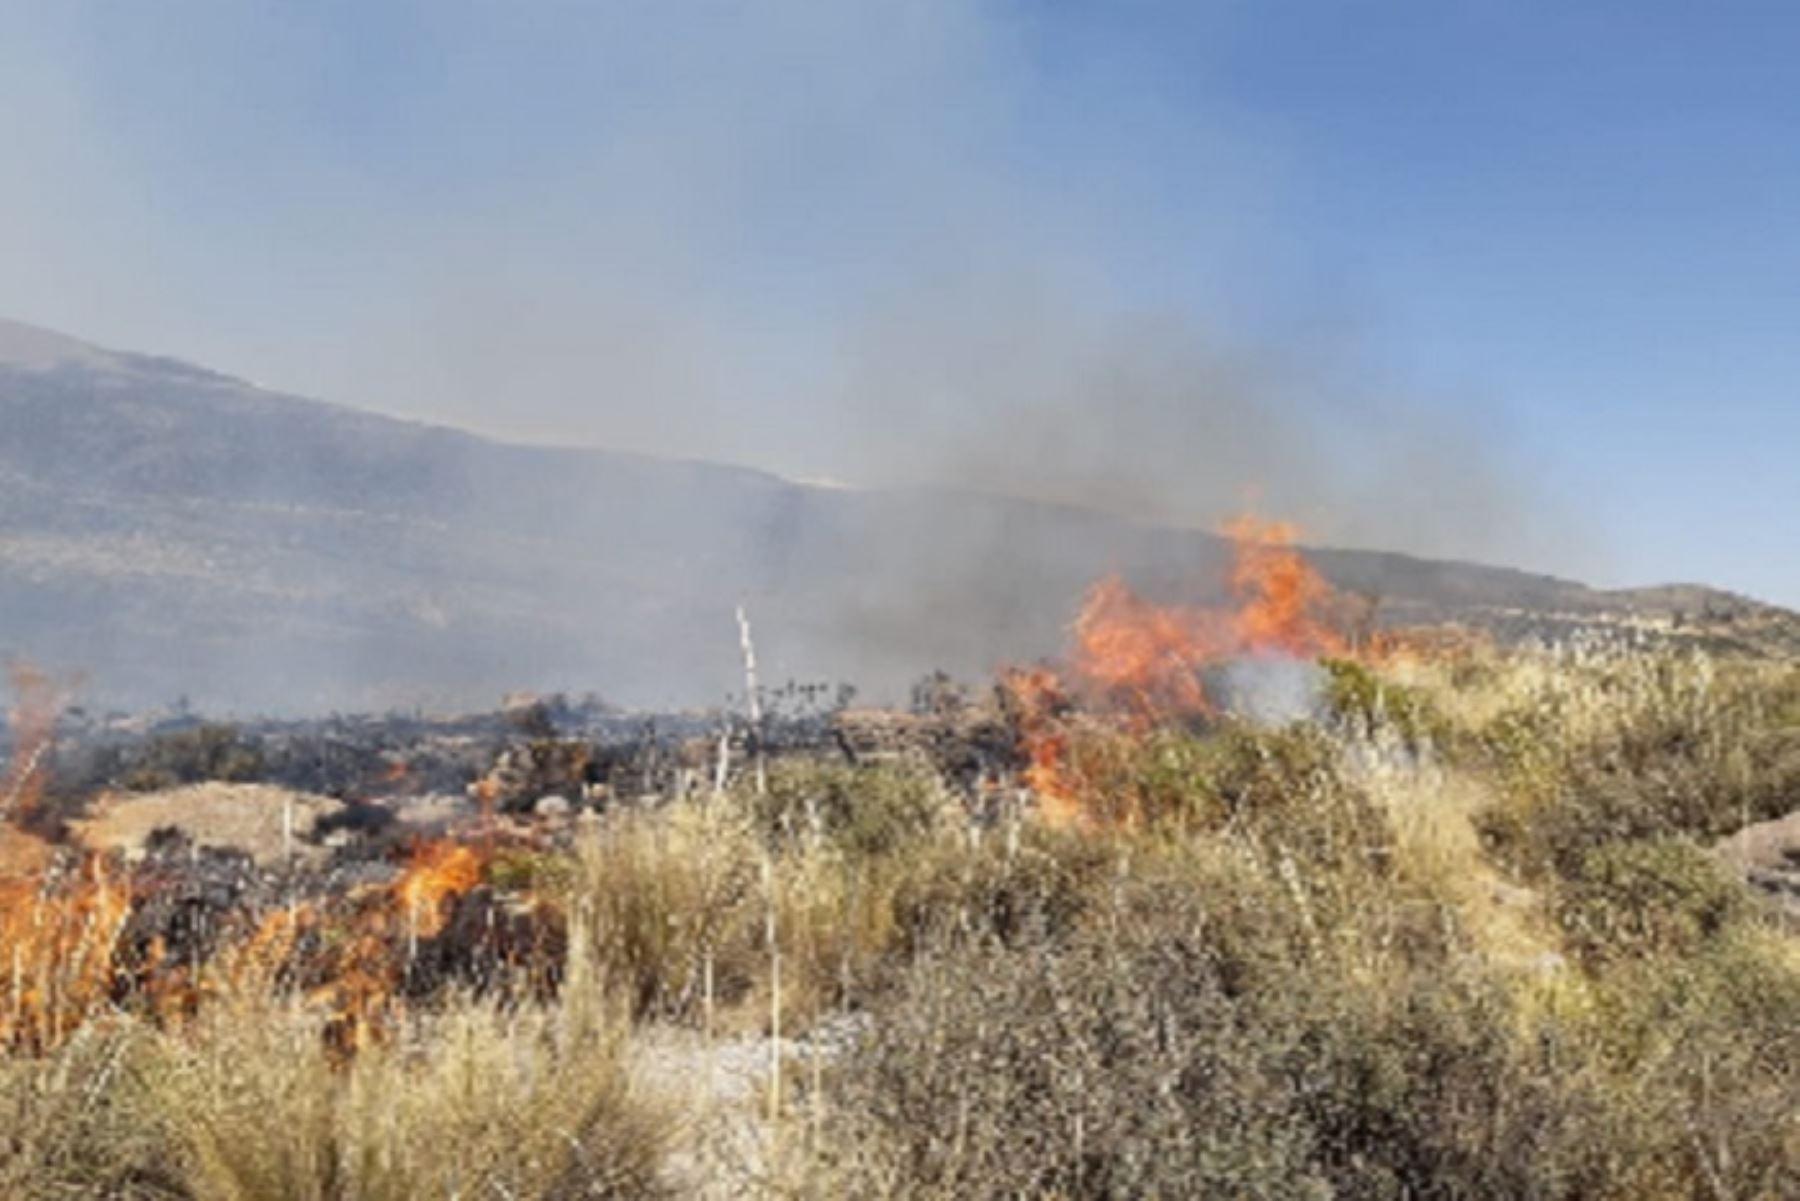 Dos helicópteros de la Fuerza Aérea del Perú (FAP) Bambi Bucket, llegará a la Ala Aérea Nº 3 para sumarse a las operaciones aéreas de mitigación del incendio forestal que se registra desde el último viernes en el distrito de Pocsi, en la provincia y región Arequipa.